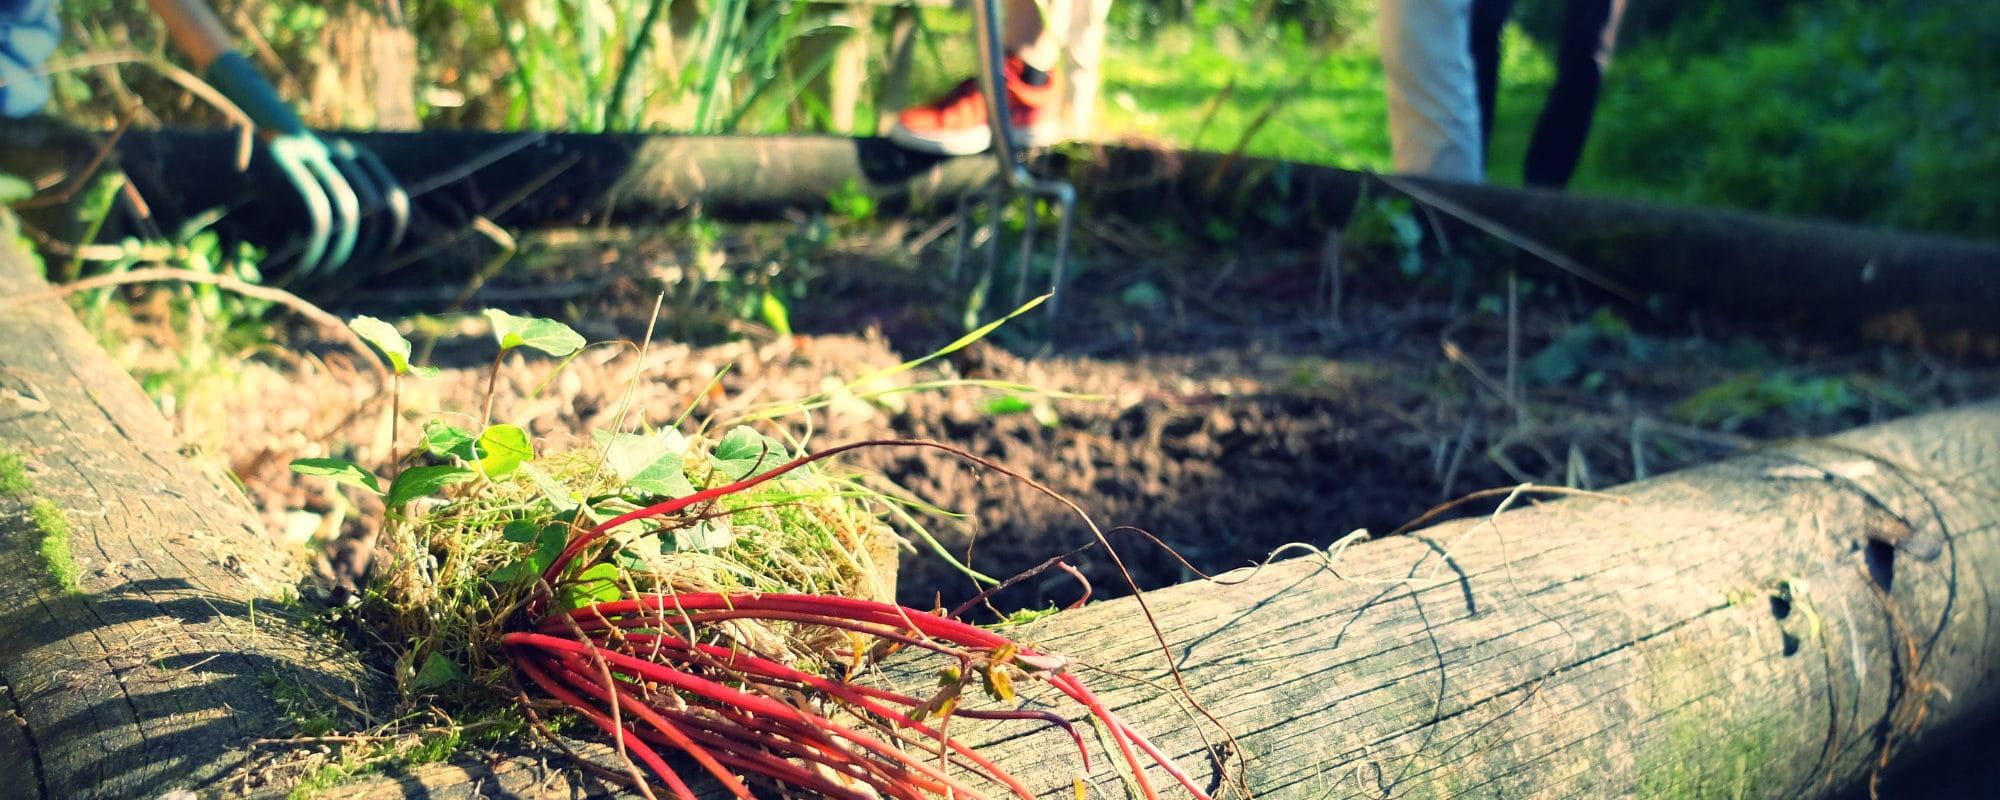 Jardiner pour les nuls : préparer la terre pour l'hiver